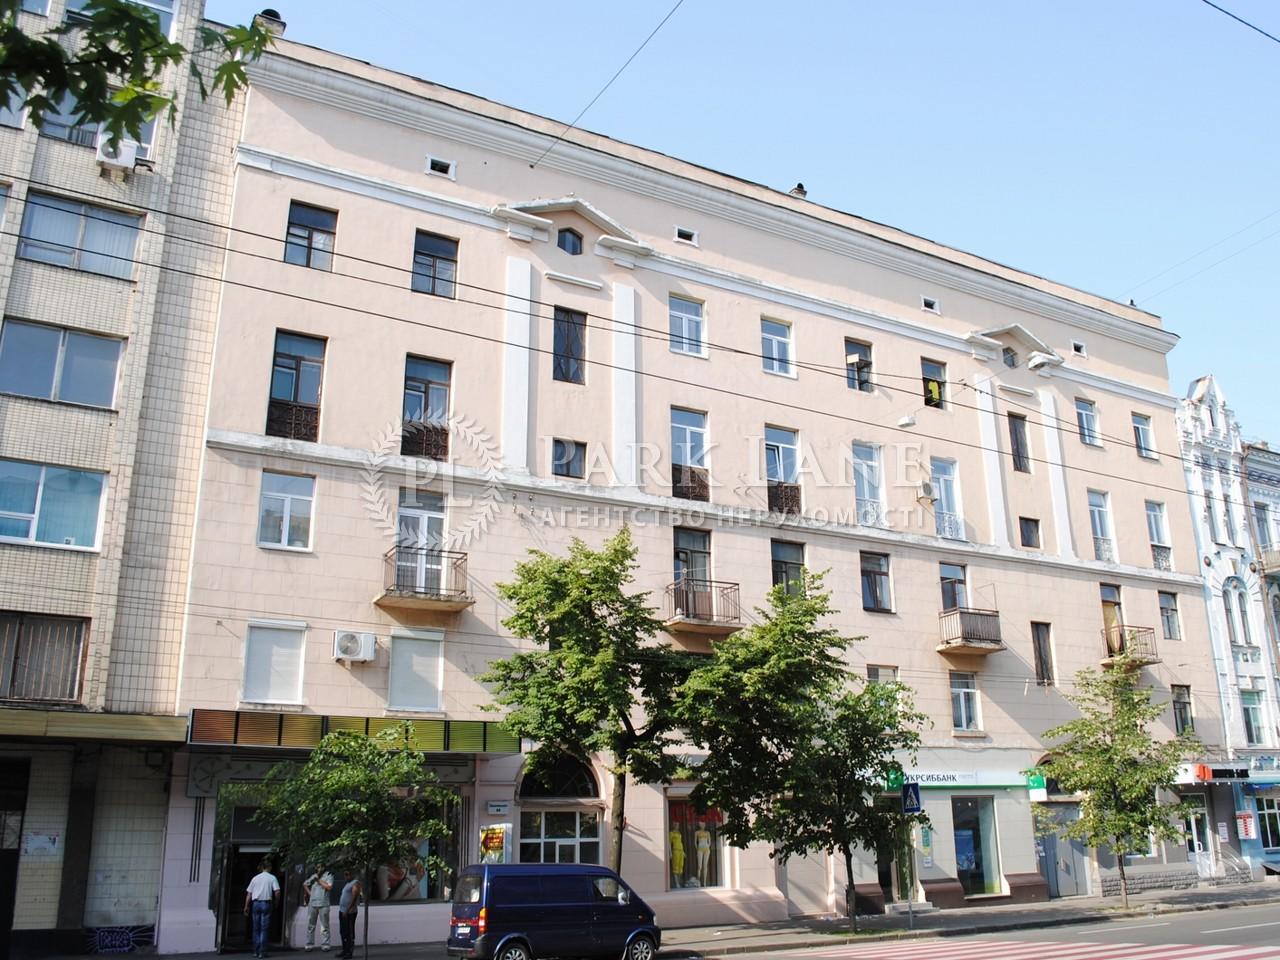 Нежитлове приміщення, вул. Саксаганського, Київ, Z-874713 - Фото 1